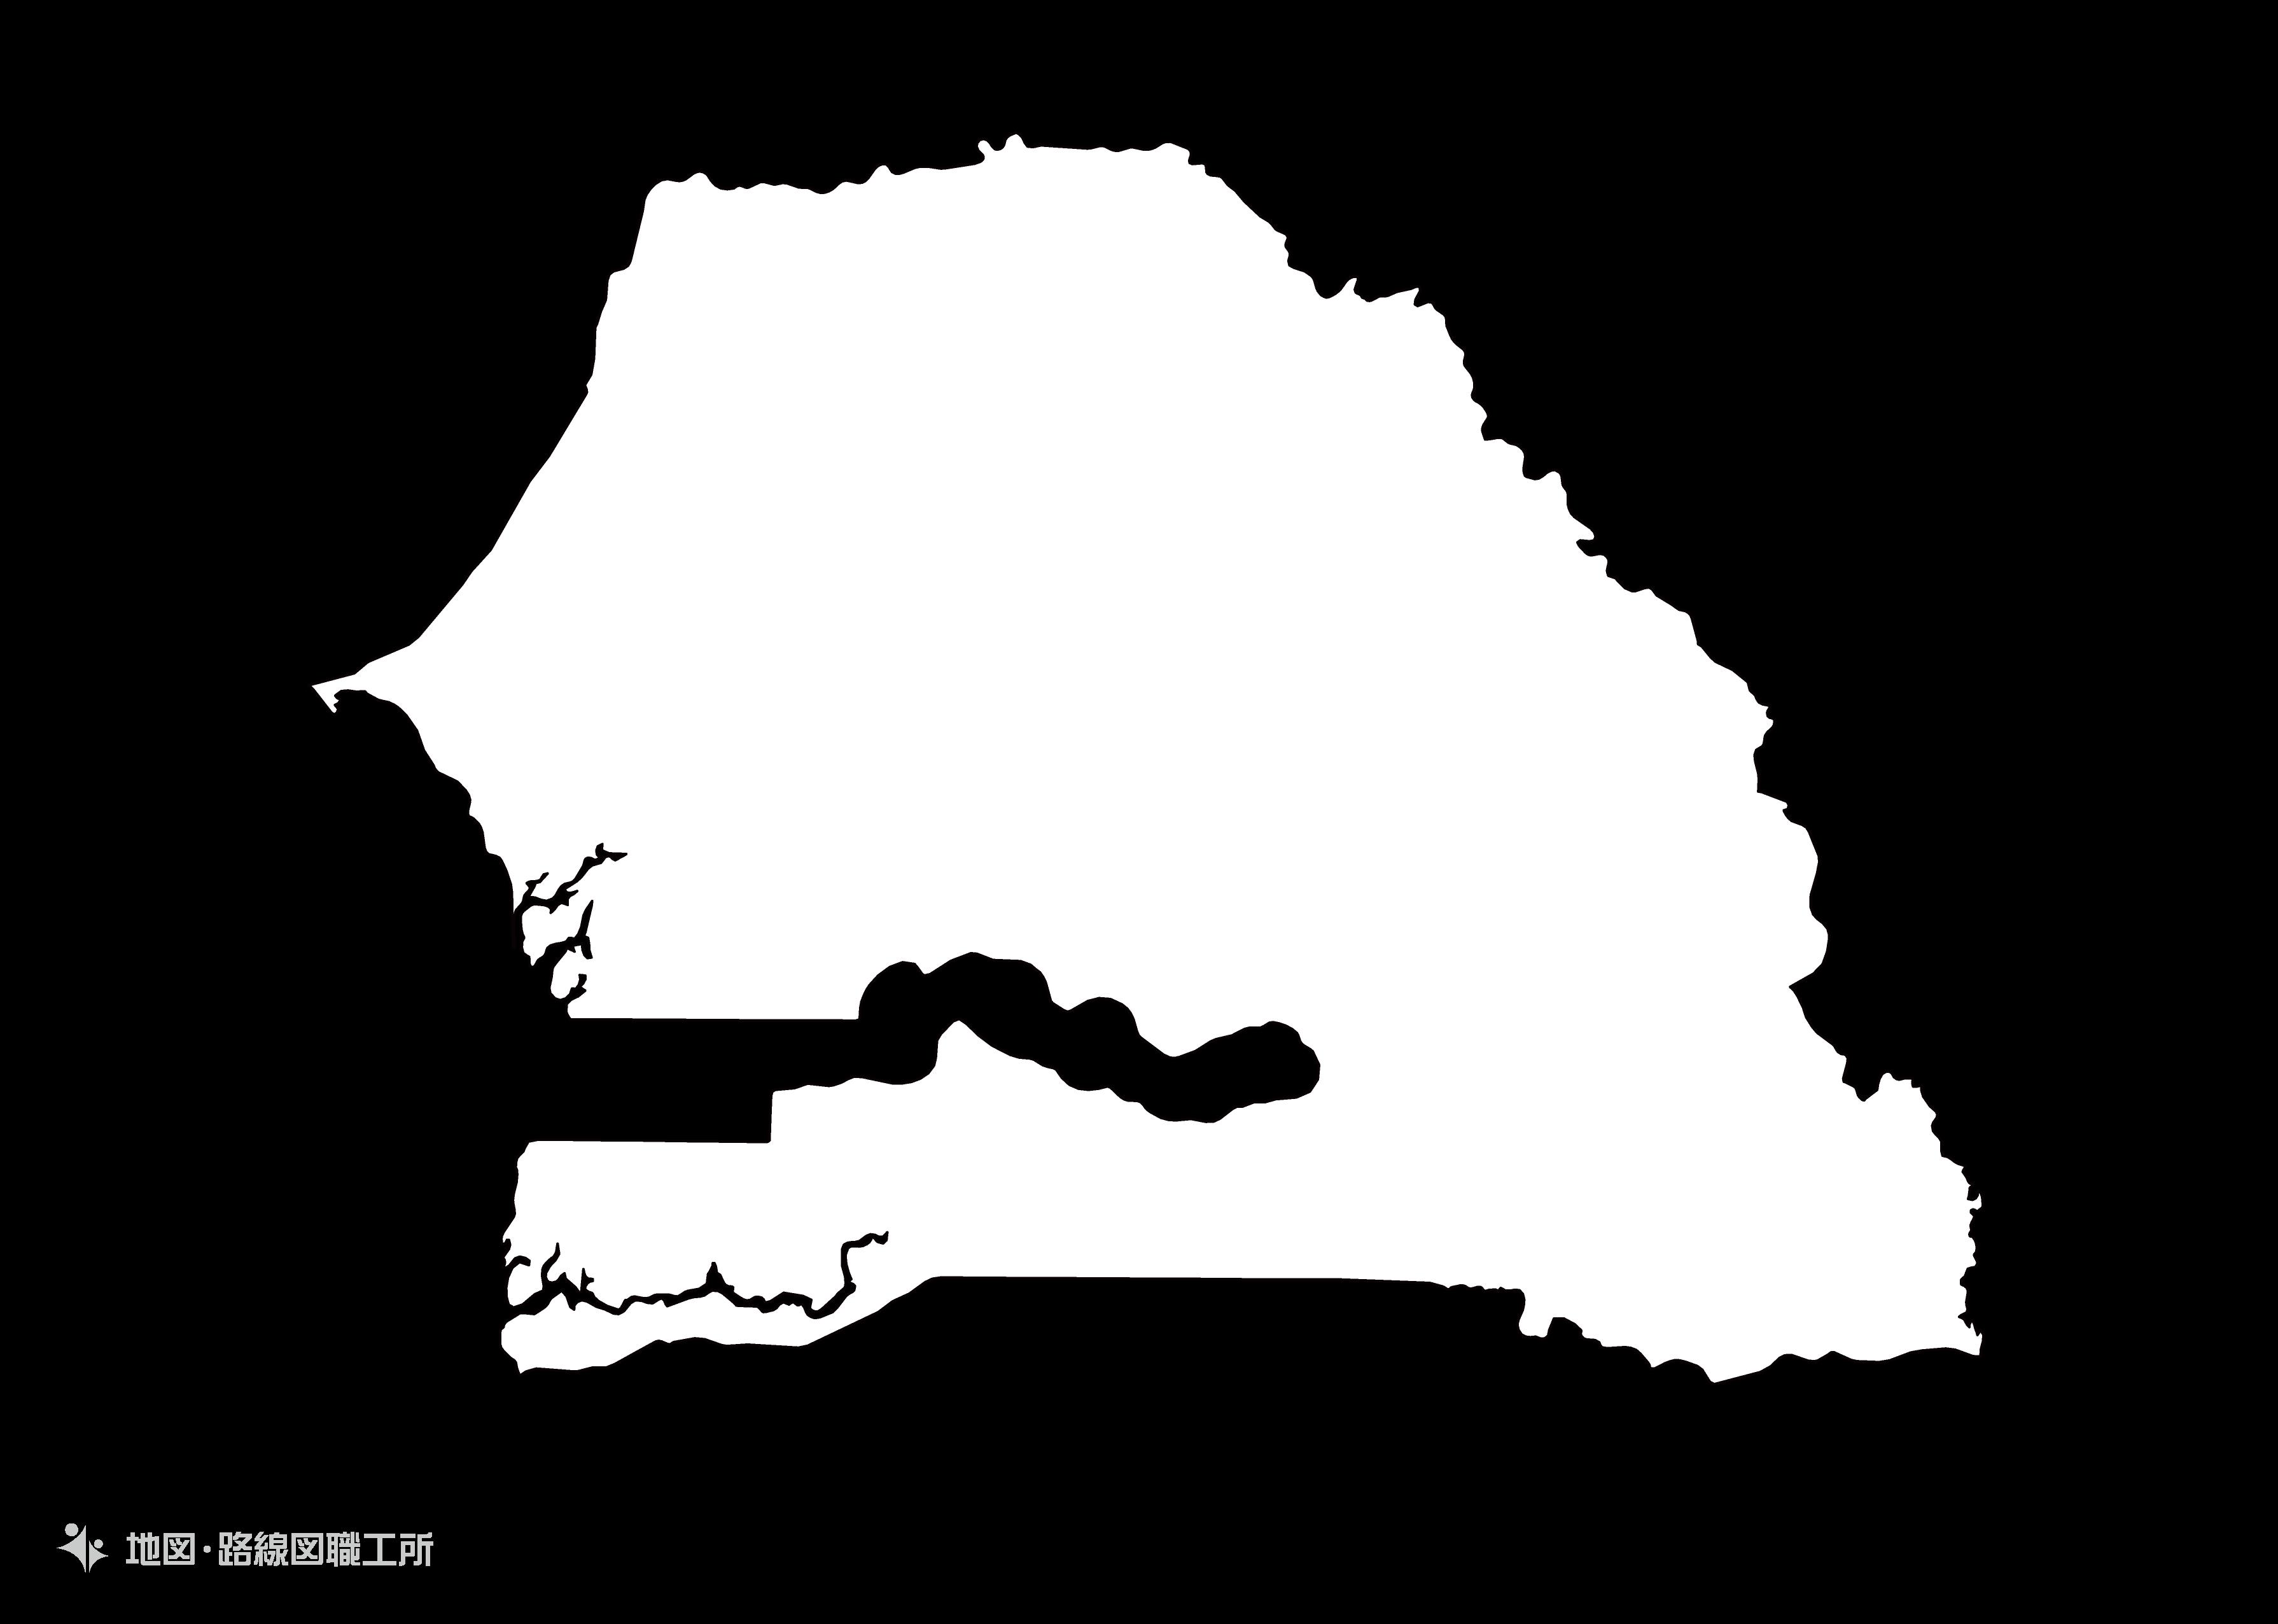 世界の白地図 セネガル共和国 epublic-of-senegal map